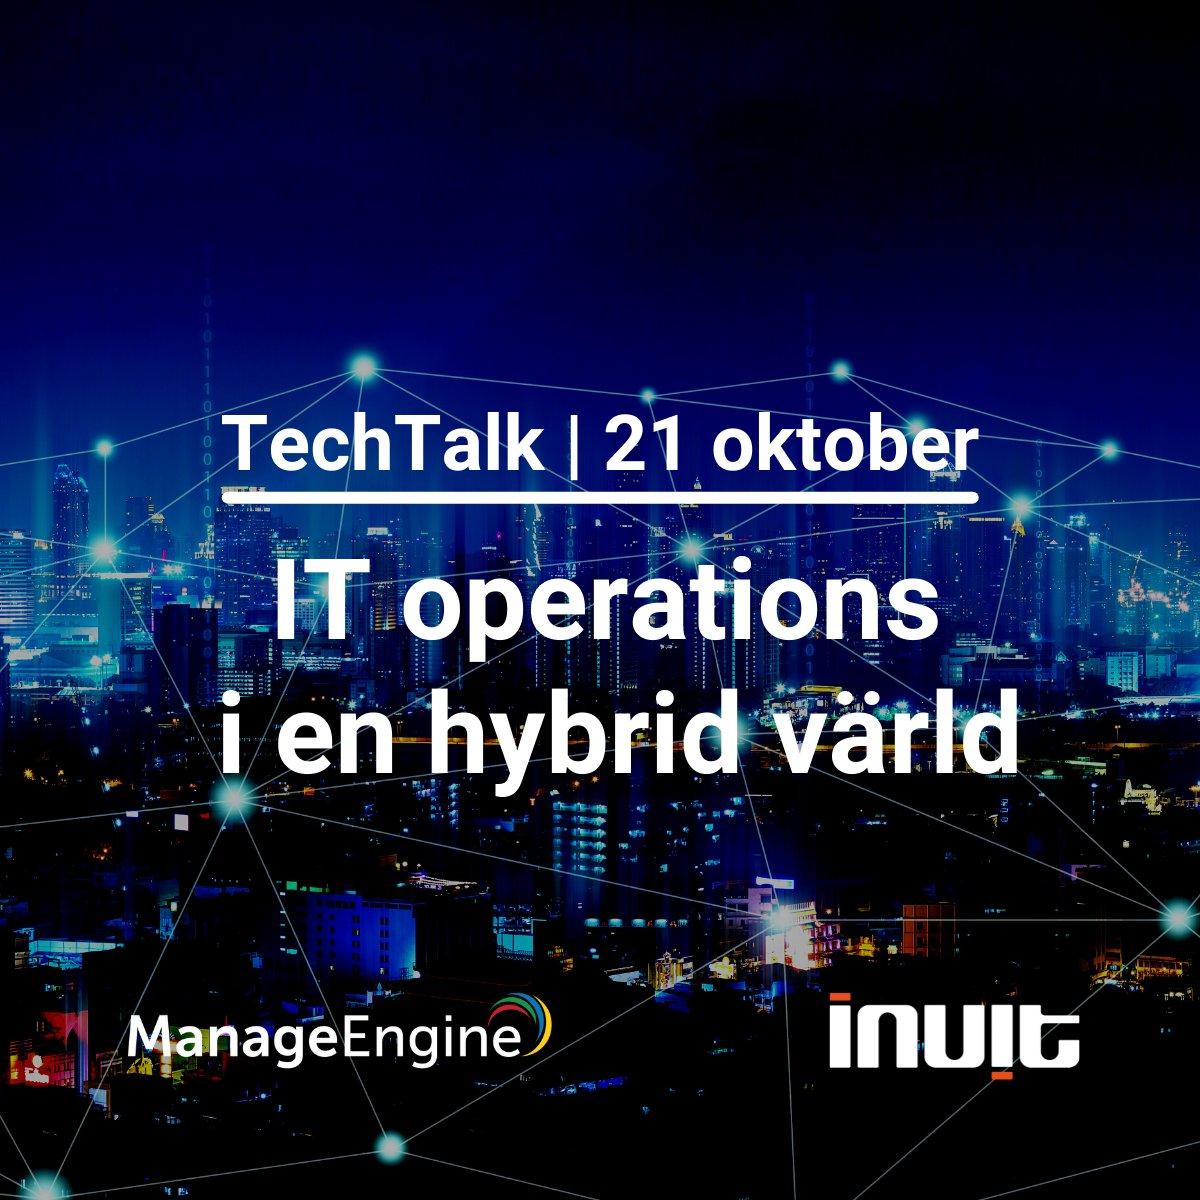 """Imorgon är det dags för TechTalk på temat """"IT operations i en hybrid värld"""". Välkommen!  https://t.co/3GQzMsRhG8 #hybrid #hybridworkplace #monitoring #itom #anywhereoperations #nätverksövervakning https://t.co/e0FRnyjKPd"""